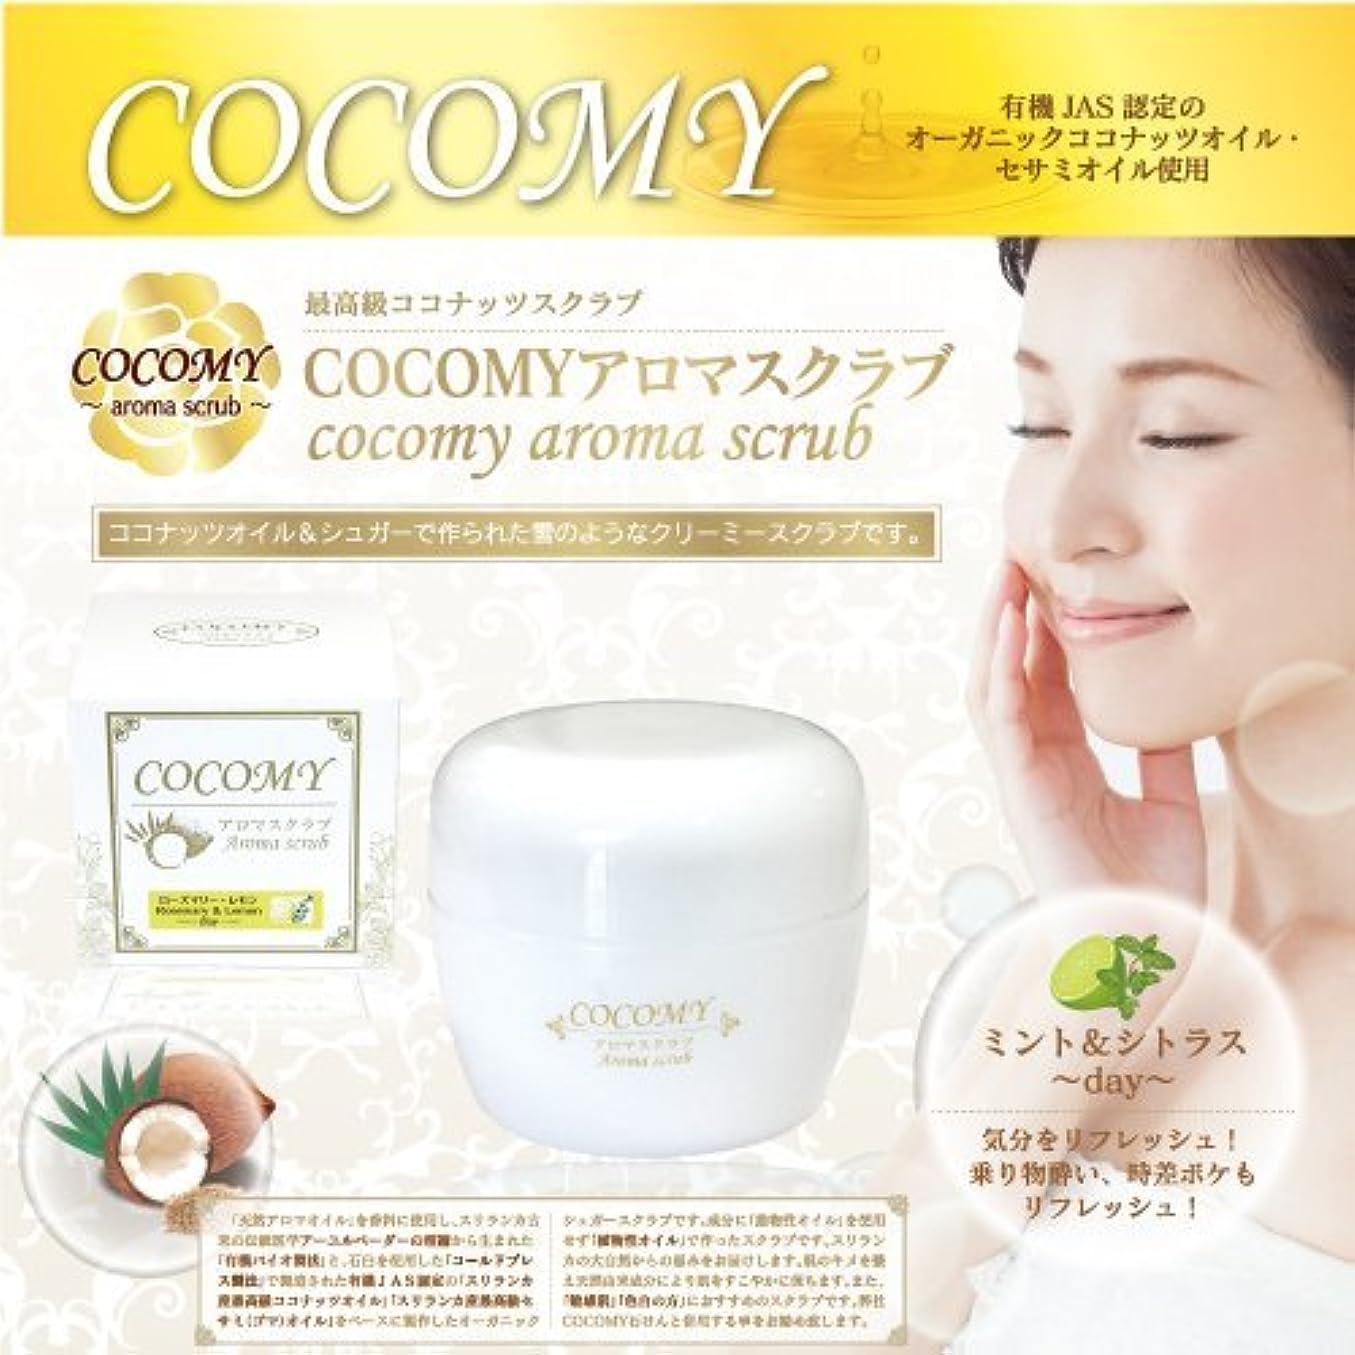 センサー骨髄流体COCOMY aromaスクラブ (ミント&シトラス) 120g